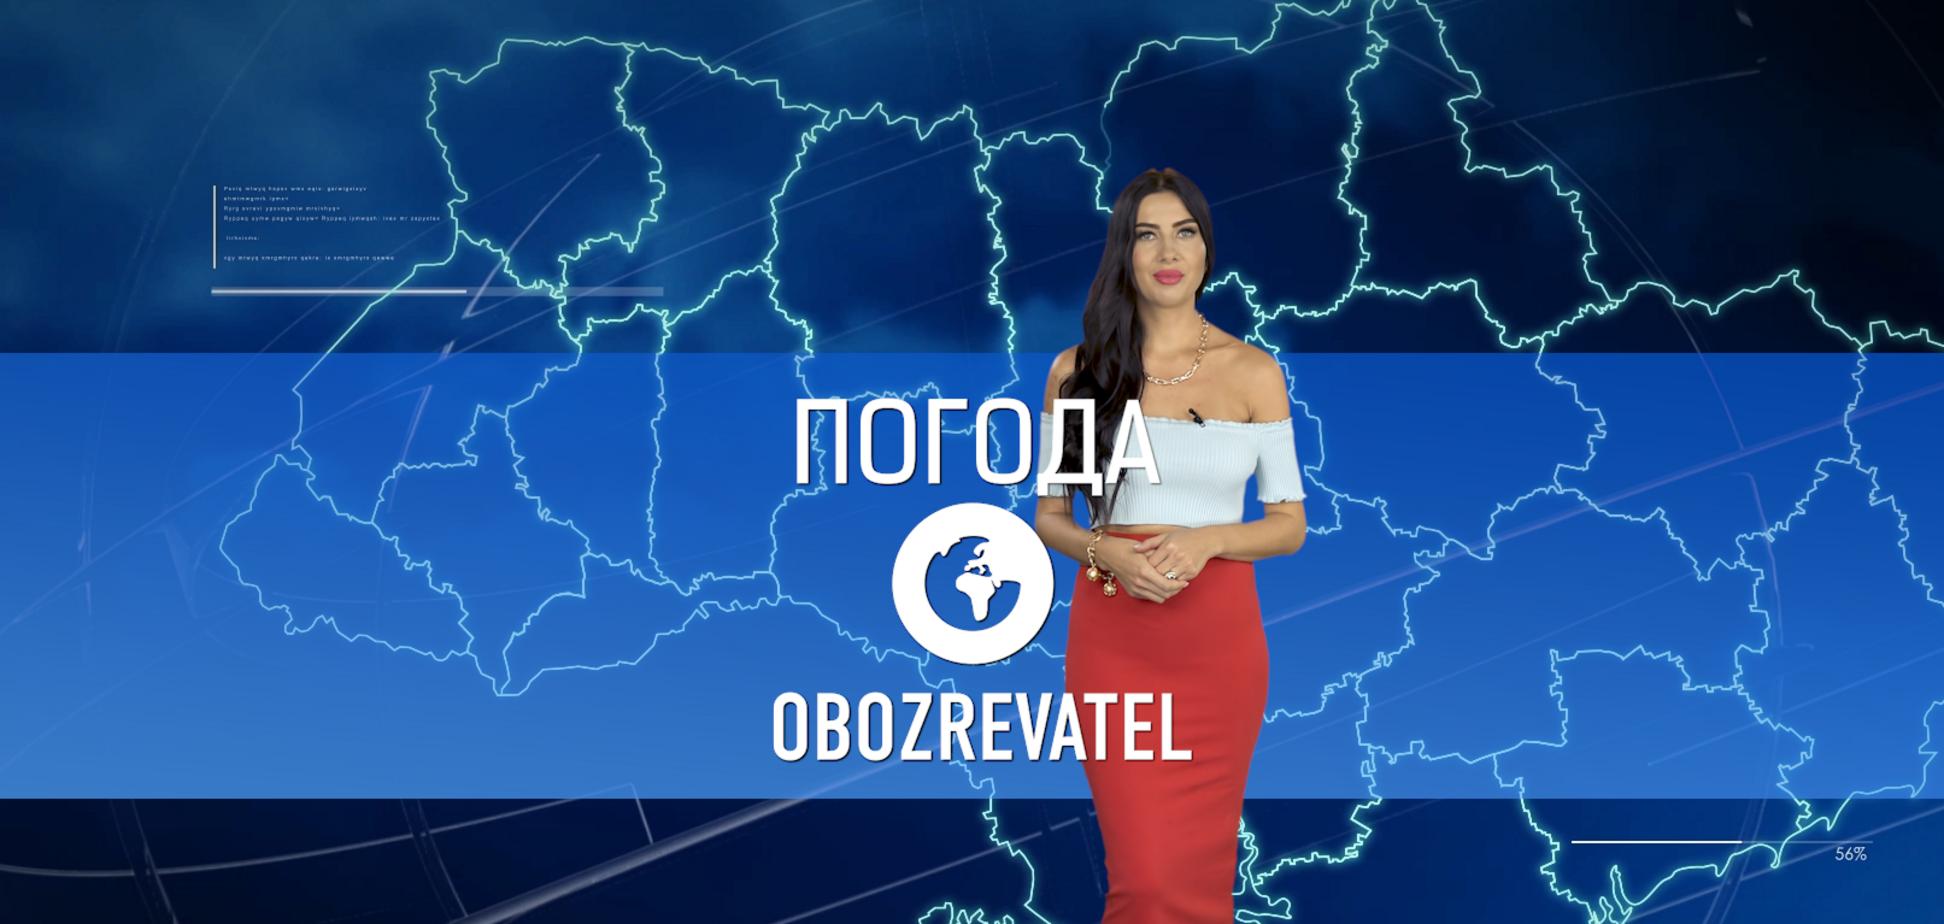 Прогноз погоды в Украине на вторник, 28 сентября, с Алисой Мярковской